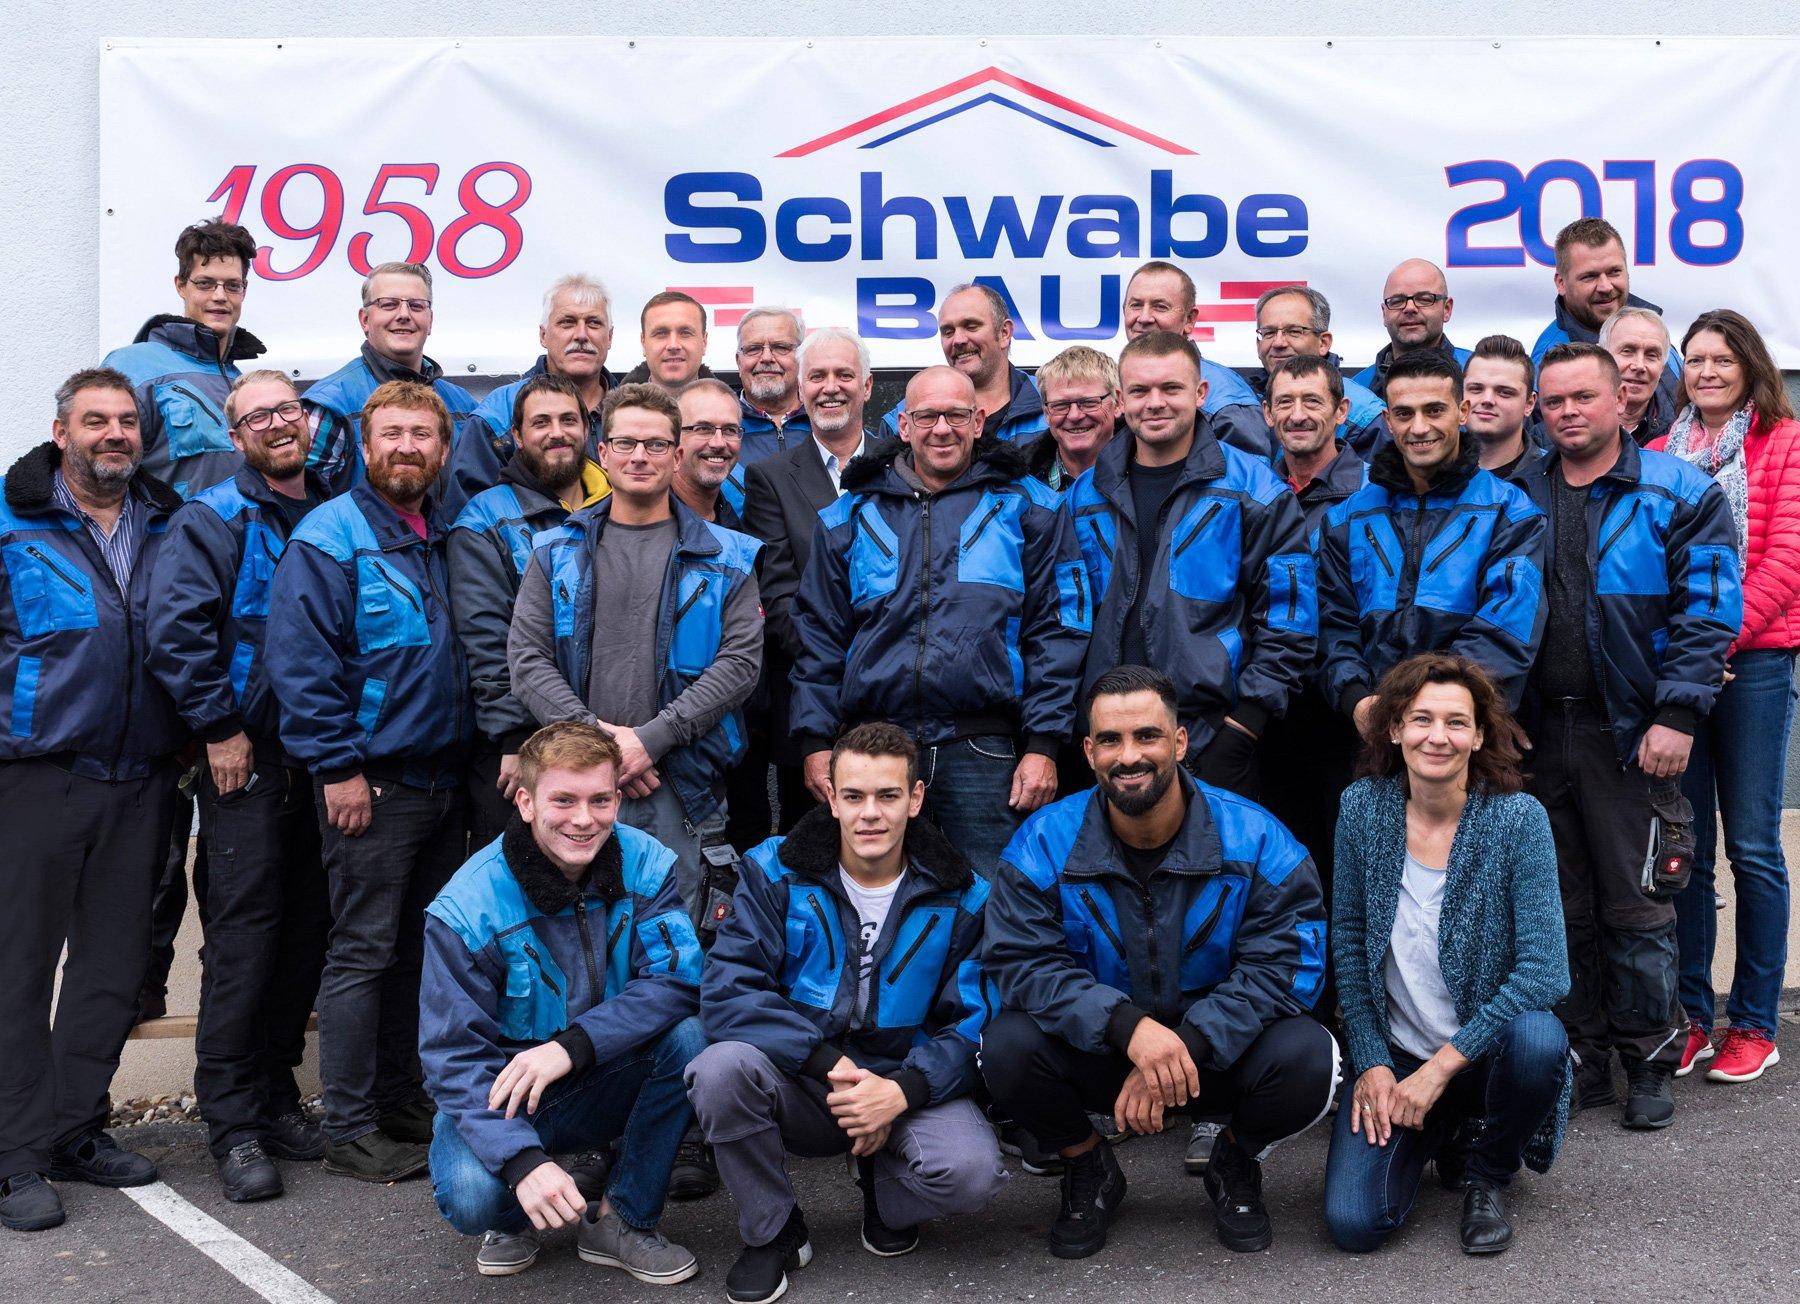 Das Schwabe Bau Team aus qualifizierten und motivierten Facharbeitern